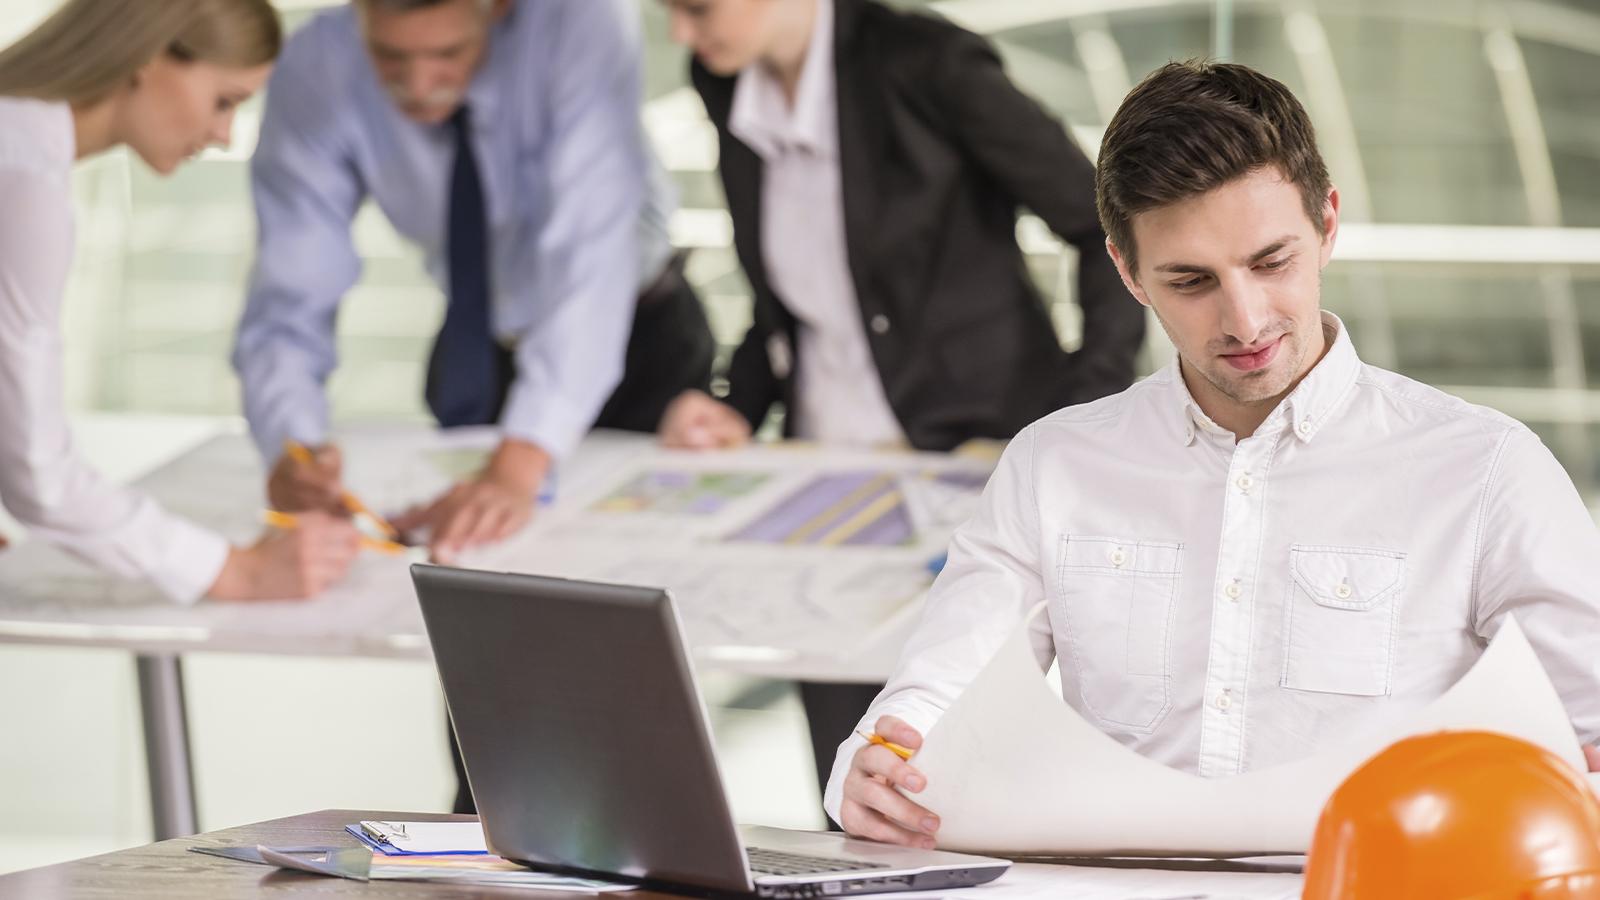 Las ventajas de contar con una formación especializada en tu equipo